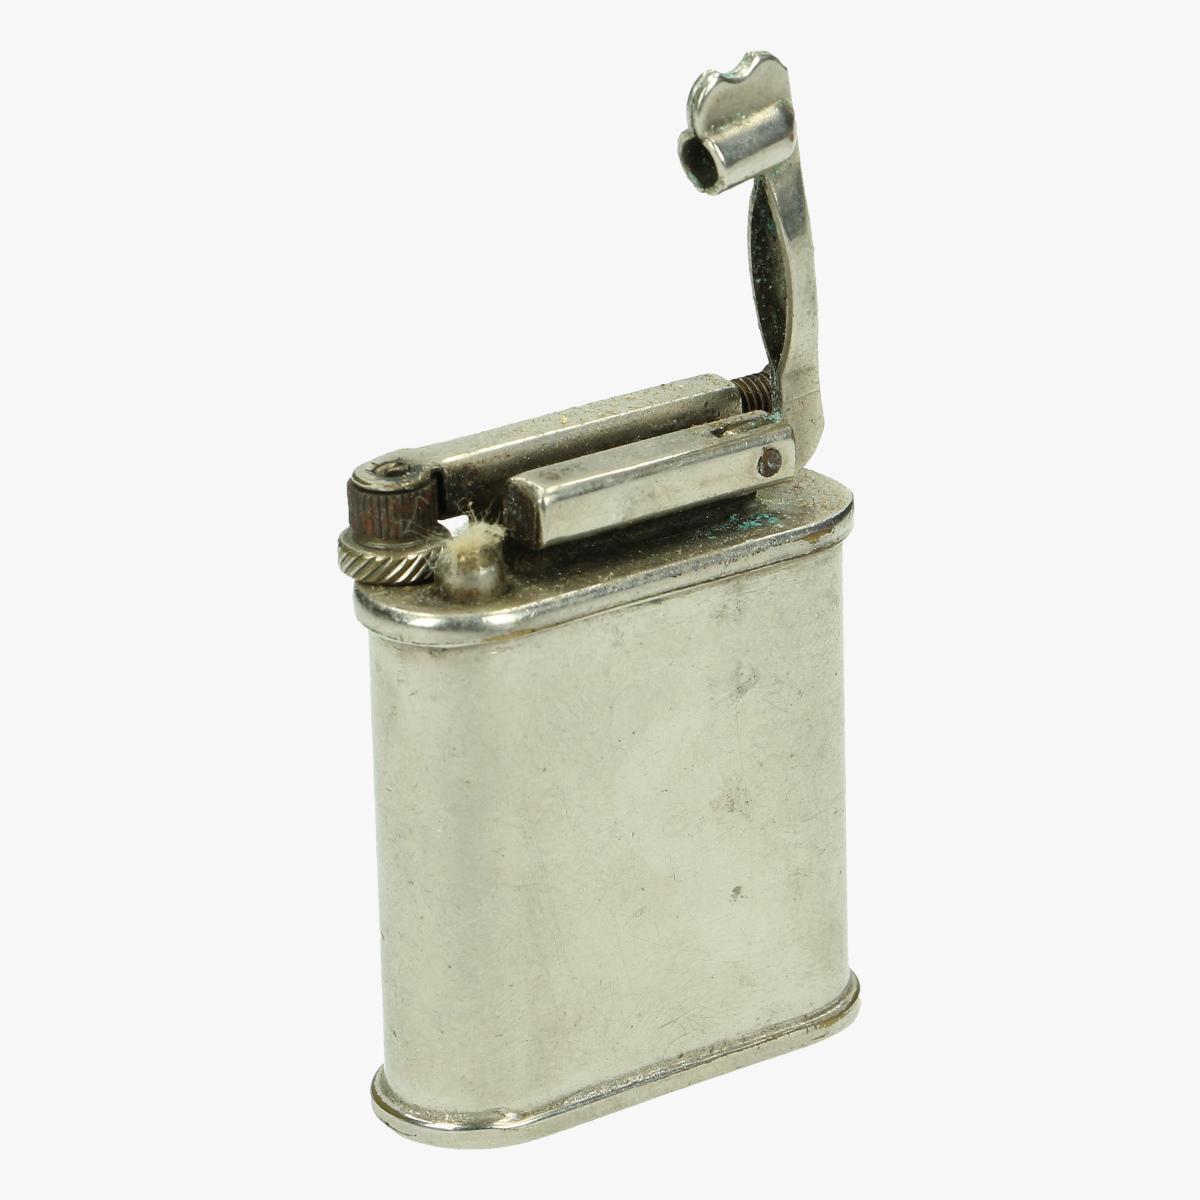 Afbeeldingen van oude aansteker beney popular british made